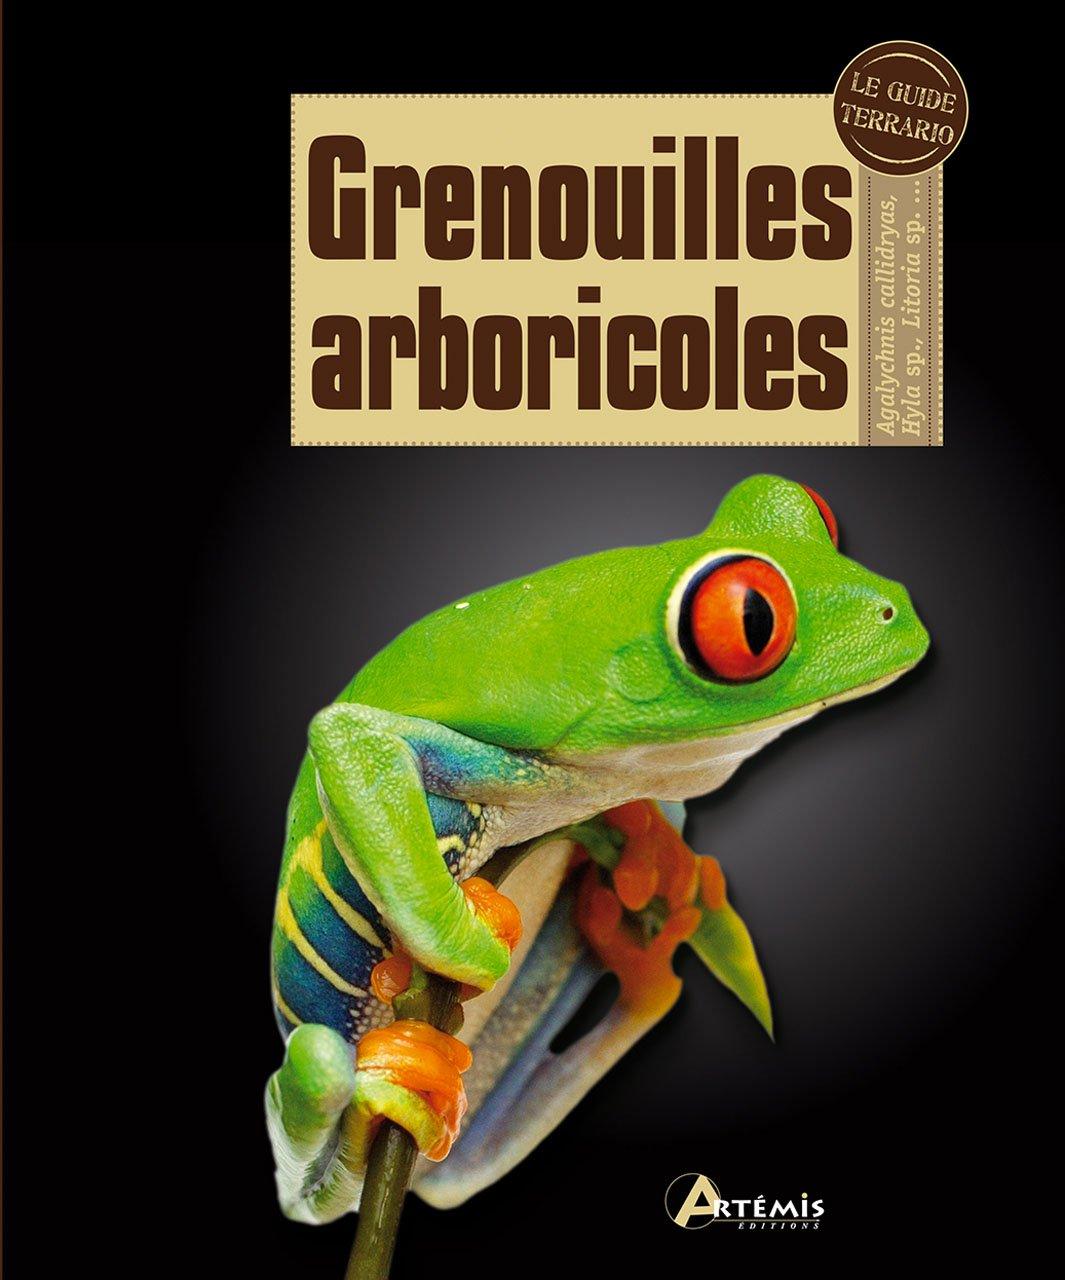 GRENOUILLES ARBORICOLES Broché – 31 mai 2013 Devin Edmonds Artemis 2816003957 Livres de référence